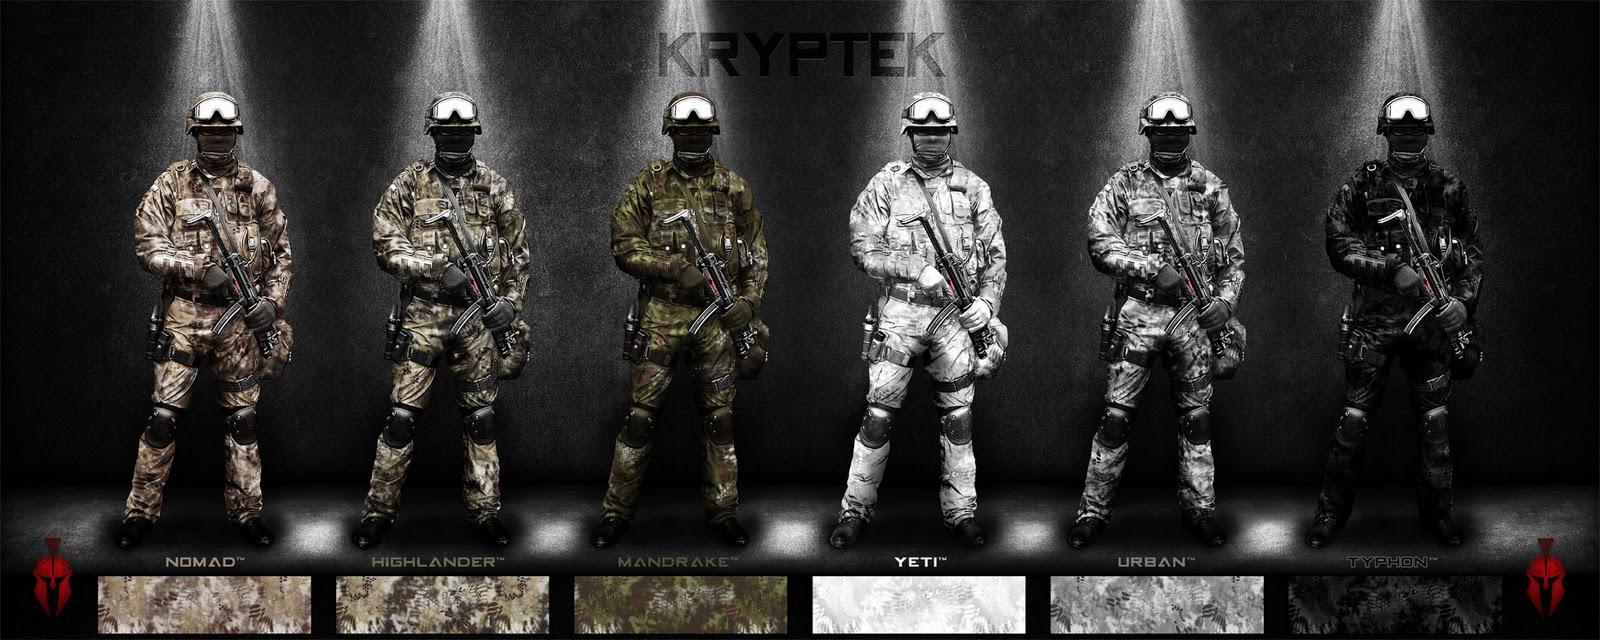 Camos norteamericanos: actuales y los próximos Kryptek+camo